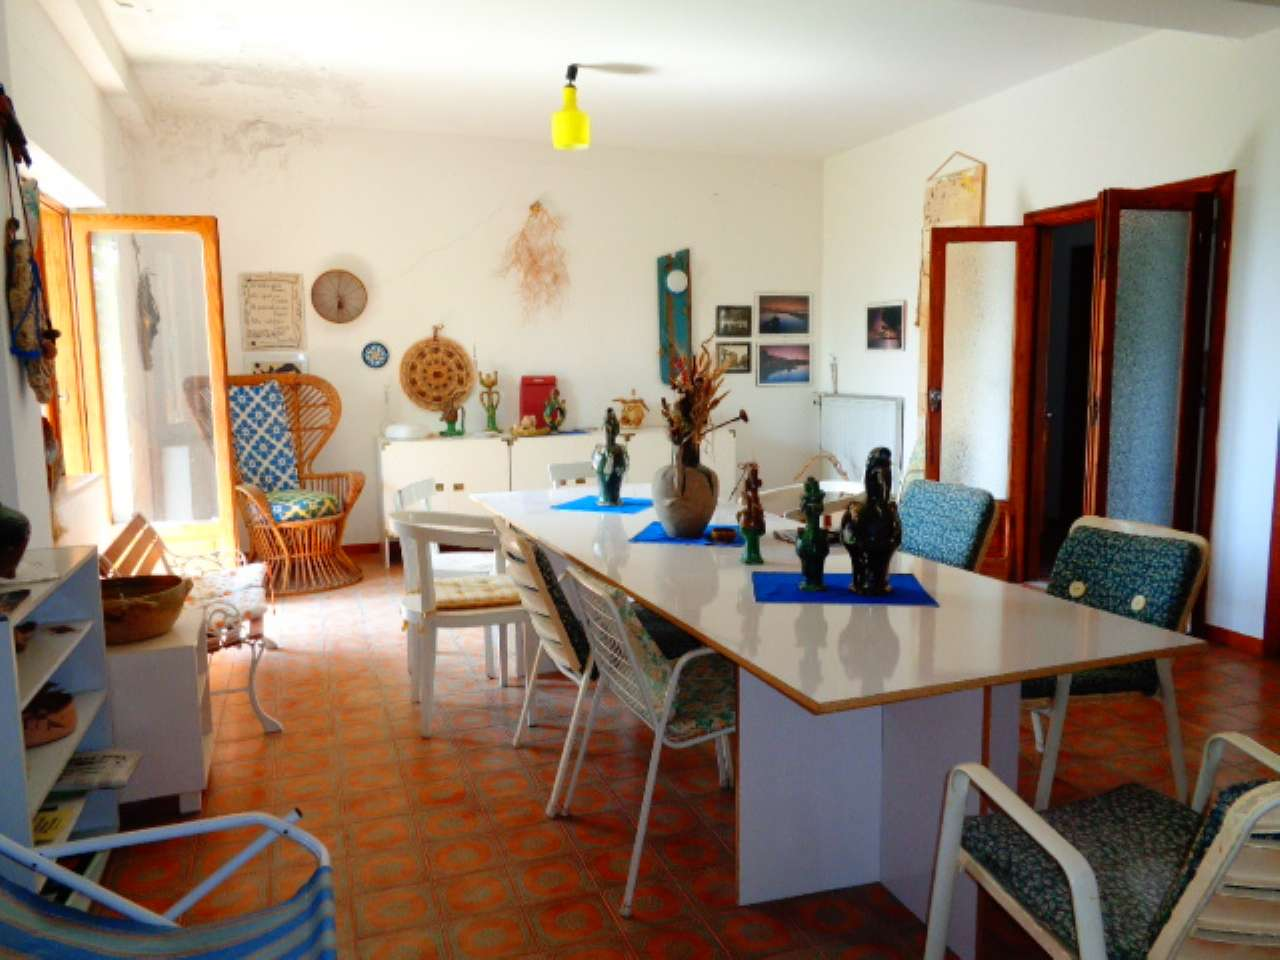 Foto 1 di Rustico / Casale contrada La Pietra, frazione Scario, San Giovanni A Piro